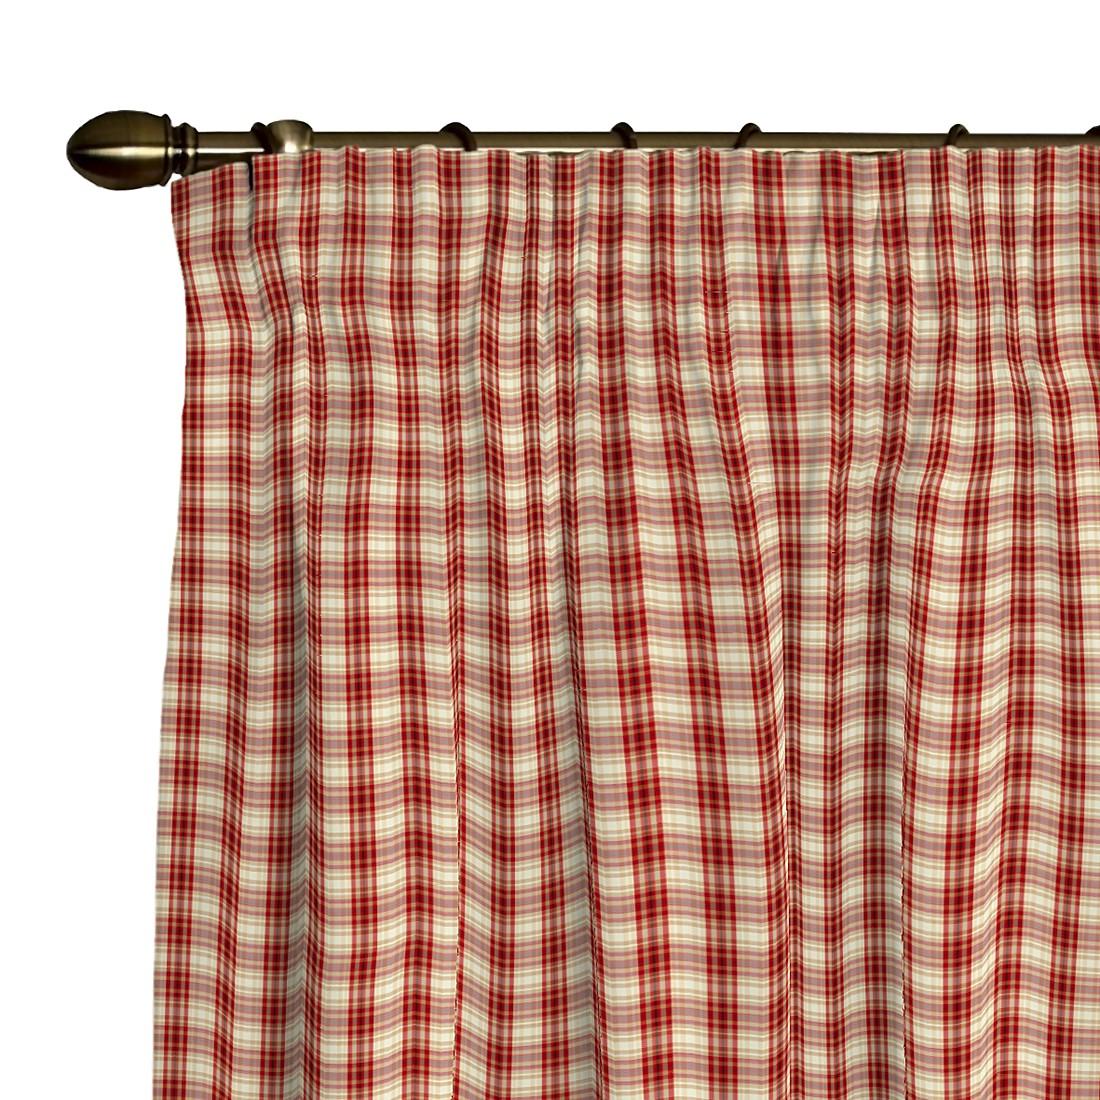 Vorhange Kinderzimmer Vichy : Gardine Rot Kariert Beige Rot Kariert